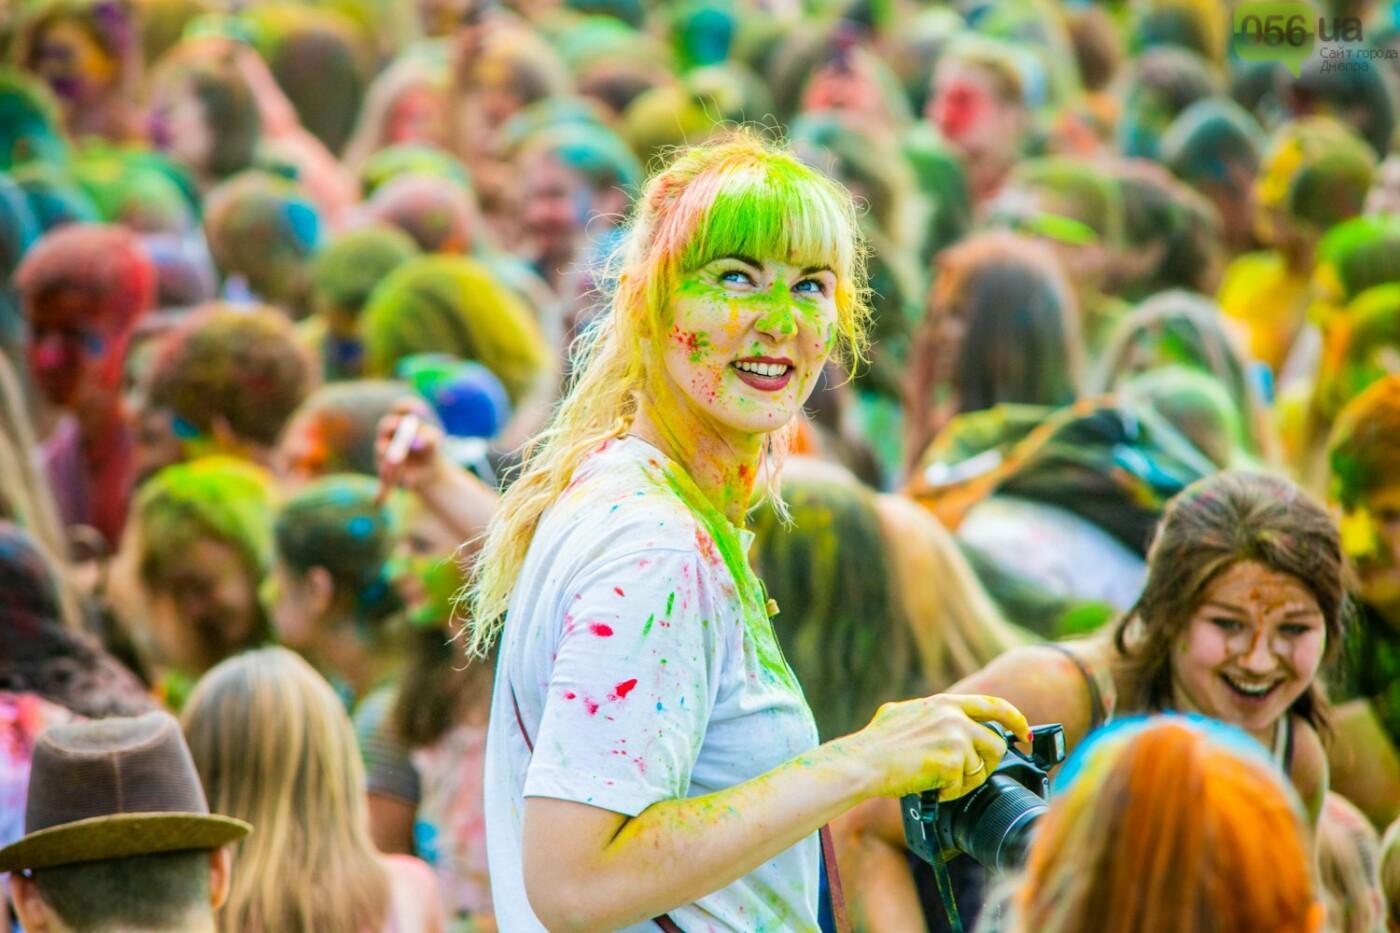 Фестиваль красок и свадьбы: как в Днепре прошел День молодежи, - ФОТОРЕПОРТАЖ, ВИДЕО, фото-1